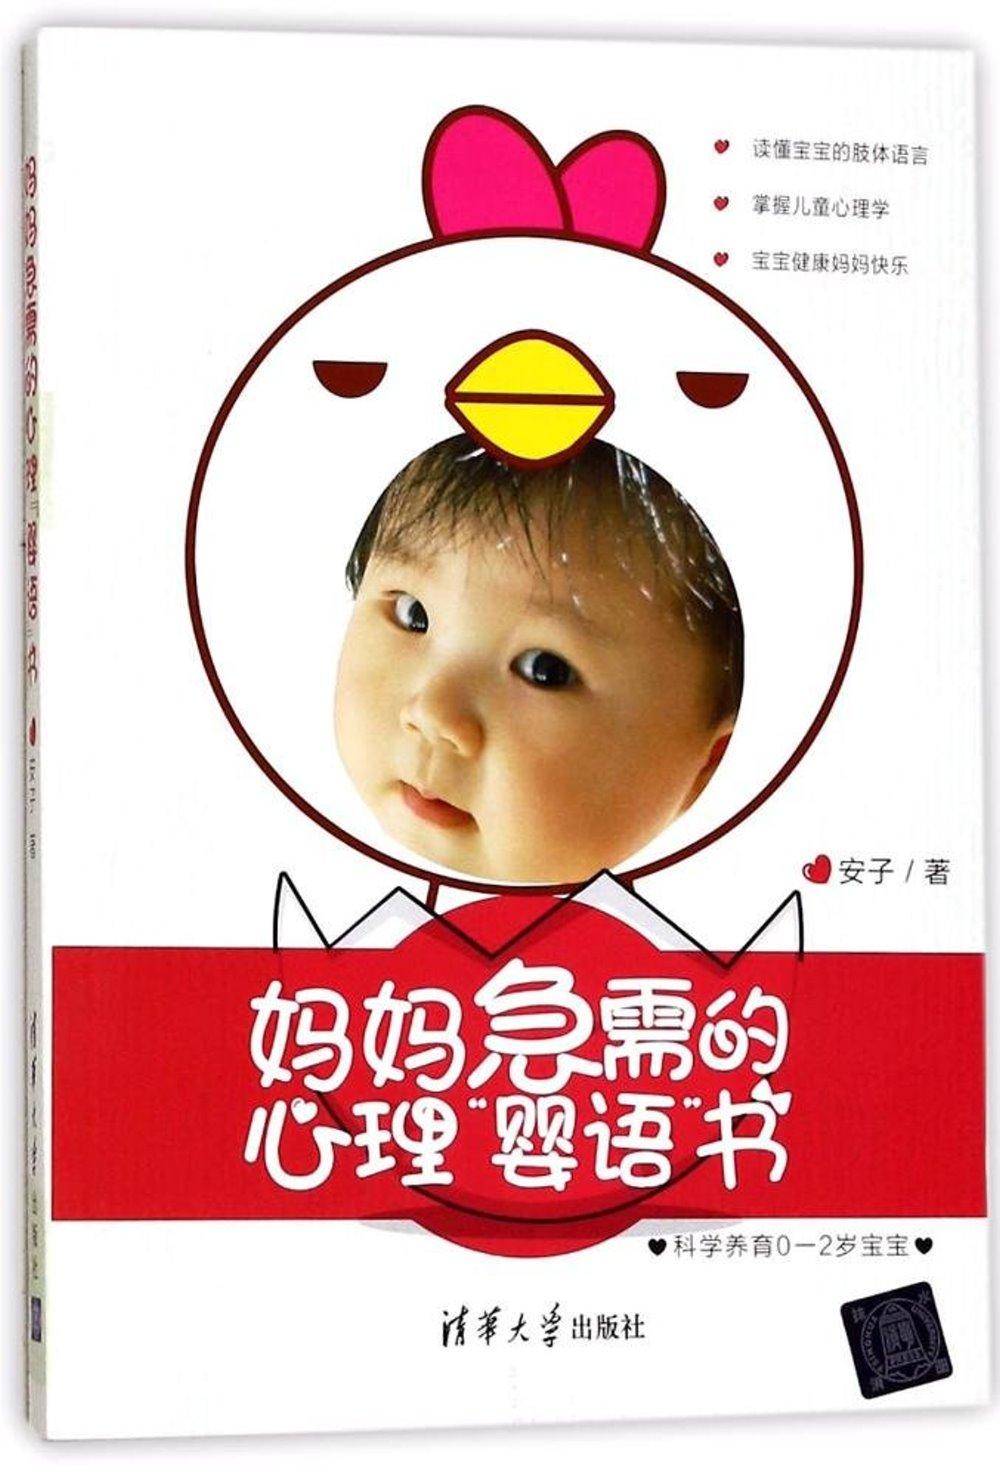 媽媽急需的心理「嬰語」書:科學養育0-2歲寶寶